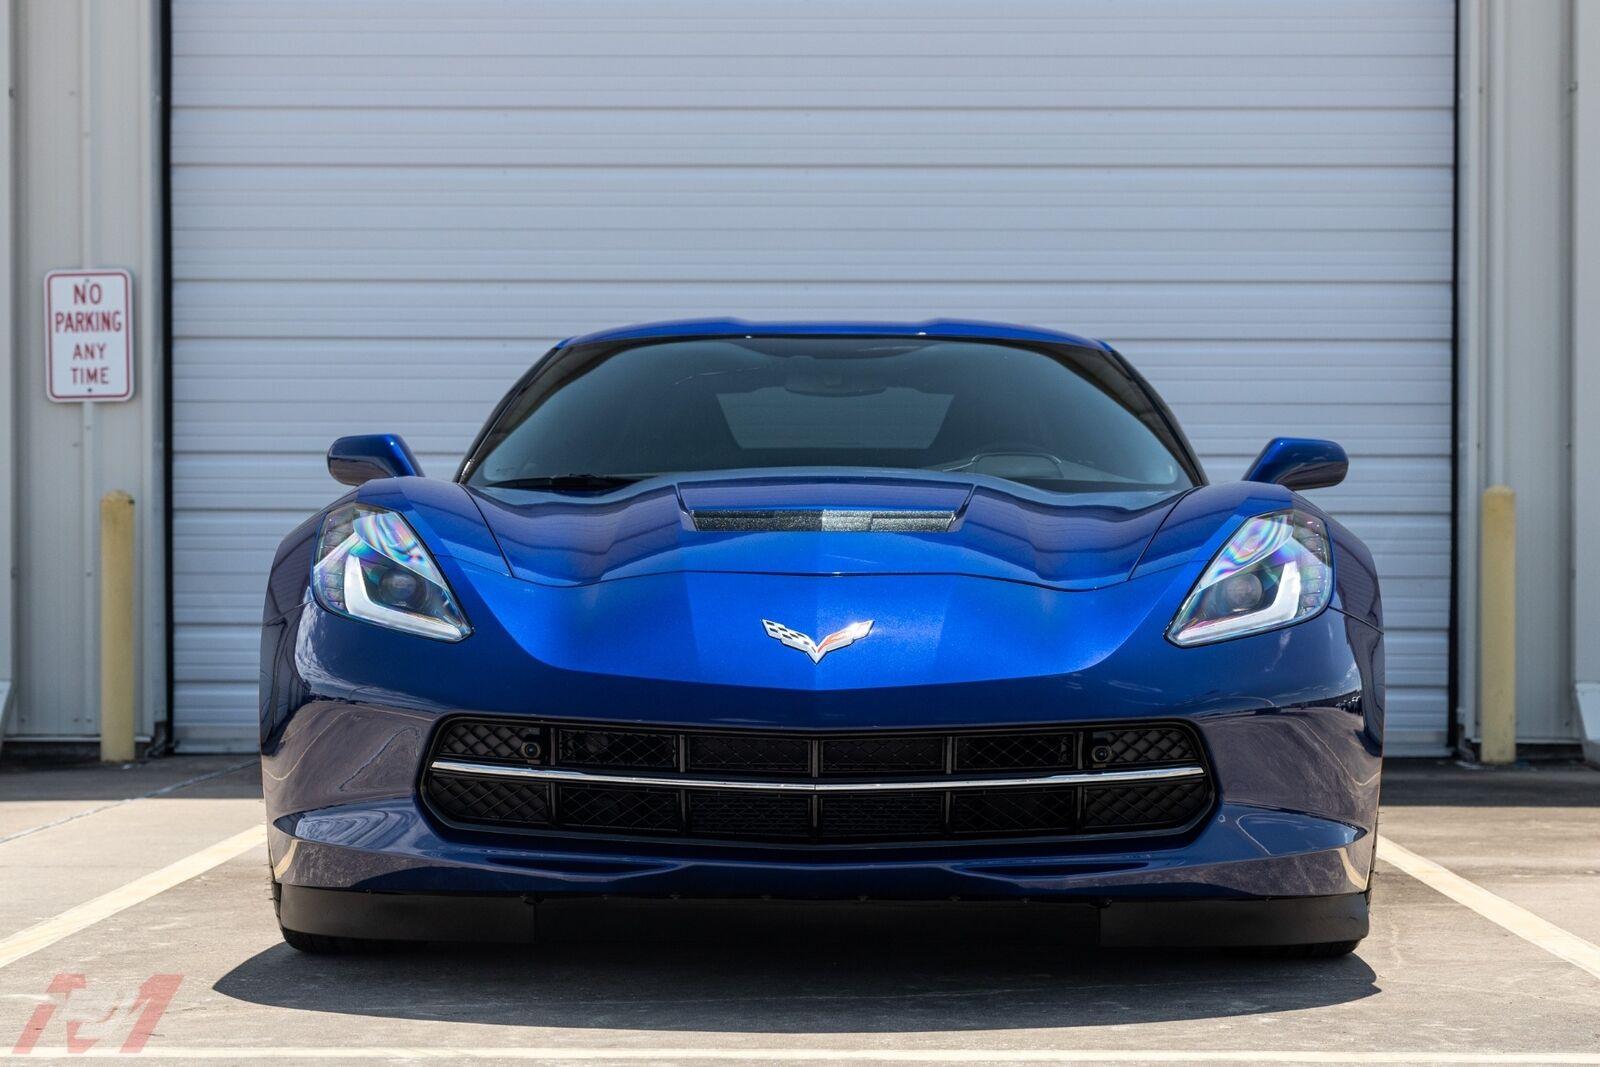 2017 Blue Chevrolet Corvette  2LT | C7 Corvette Photo 6